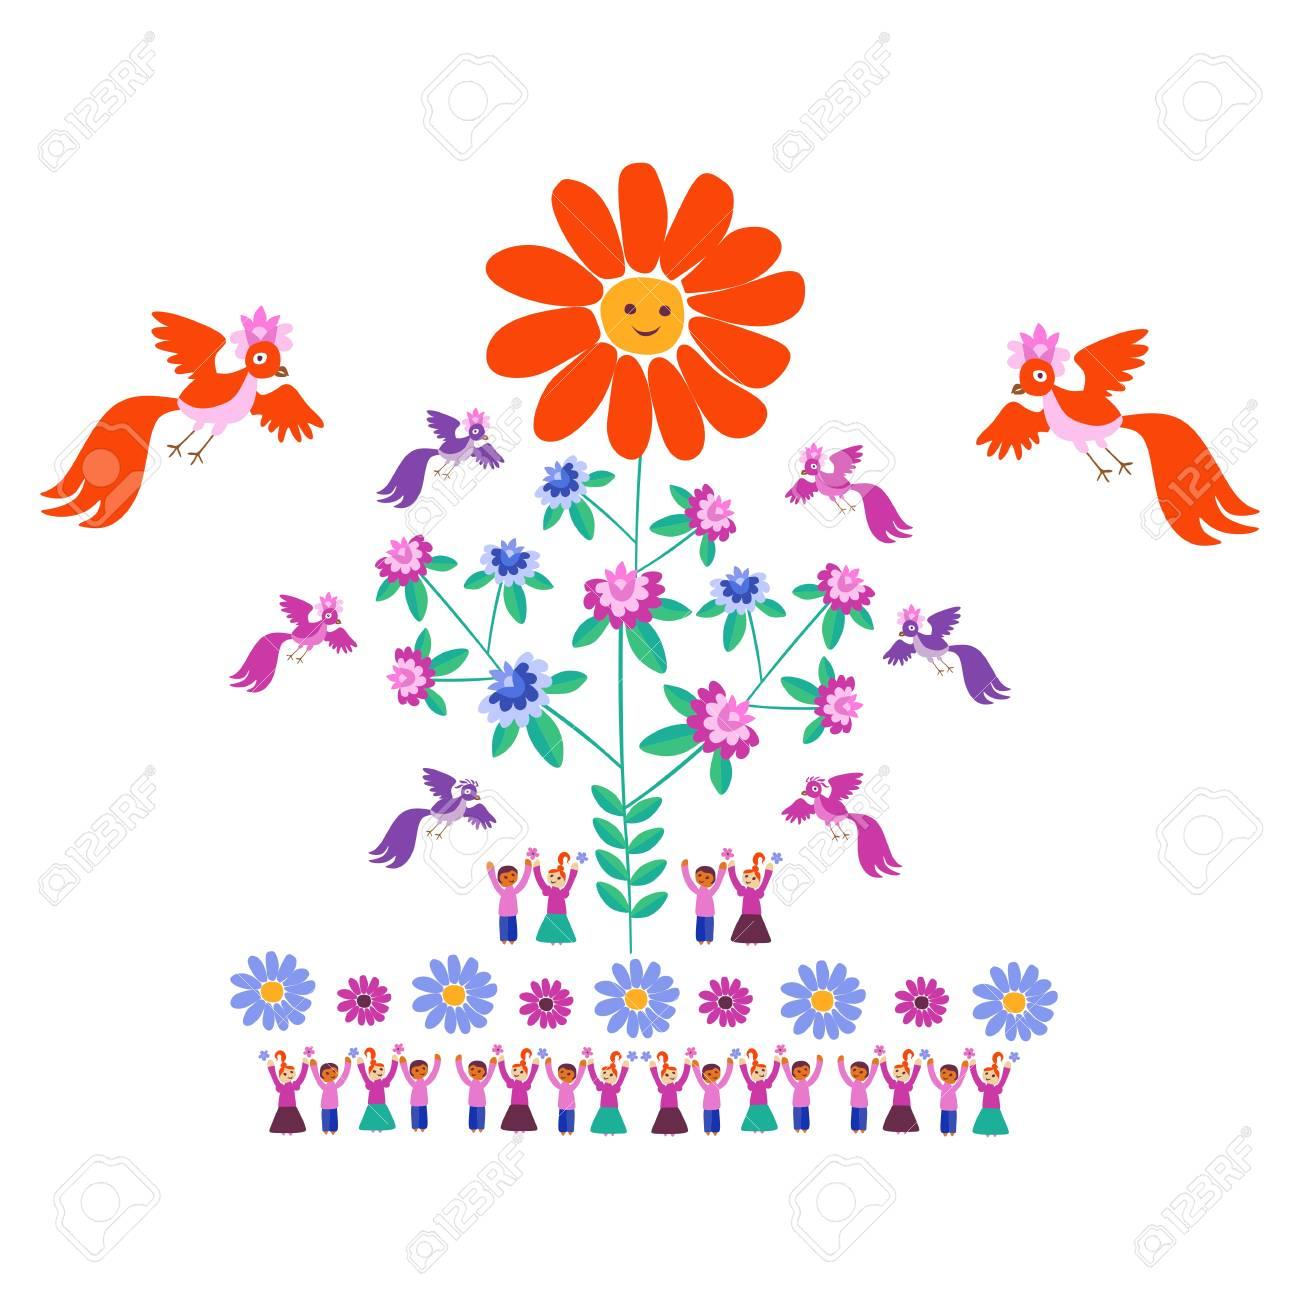 Plantilla Festiva Para El Bordado. Flor - Sun, árbol Floreciente ...